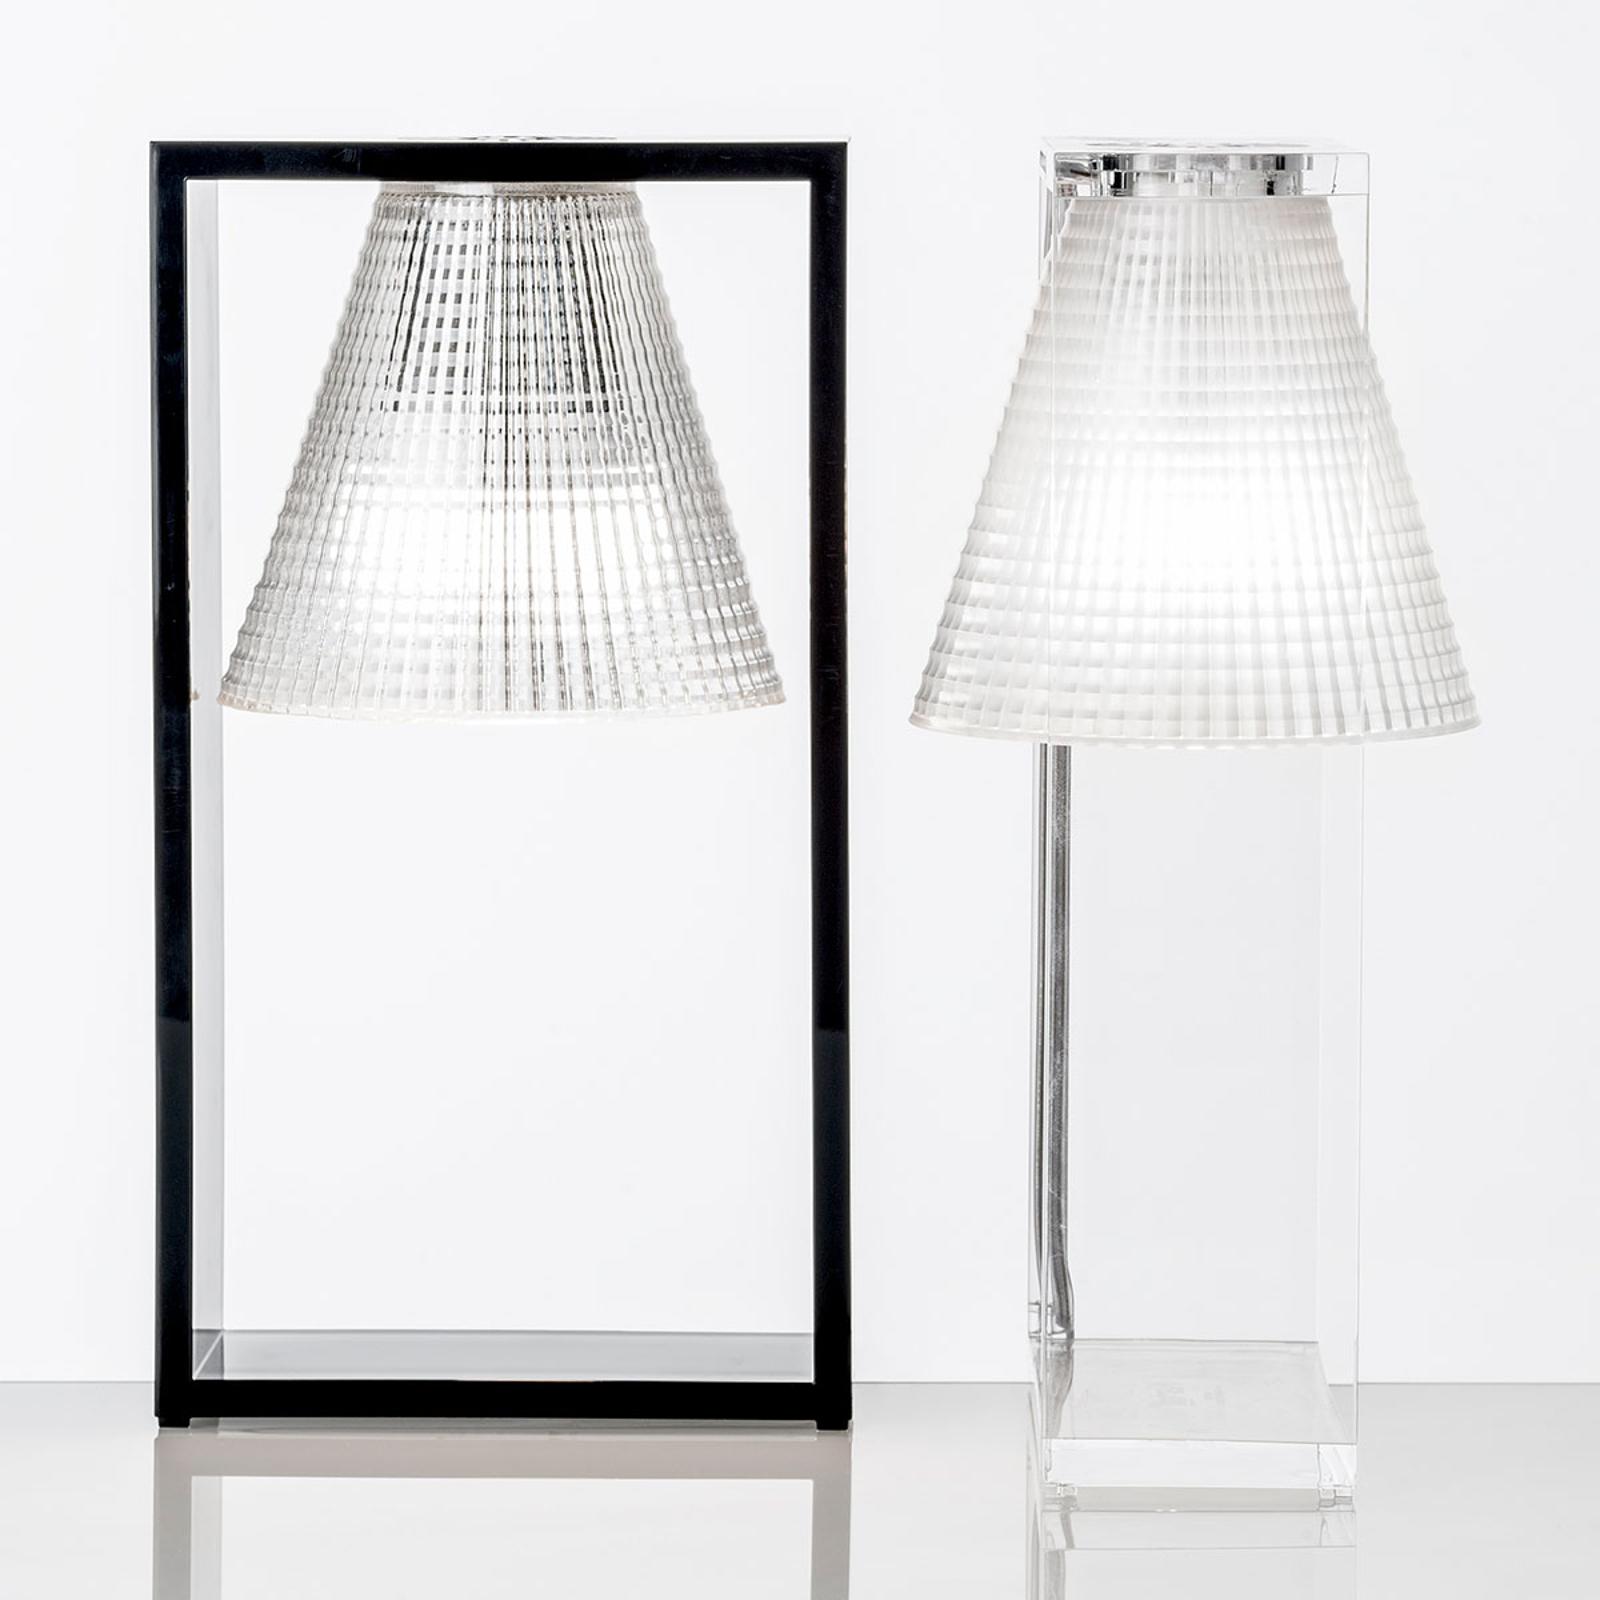 Lampa stołowa LED Light-Air, czarno-przezroczysta